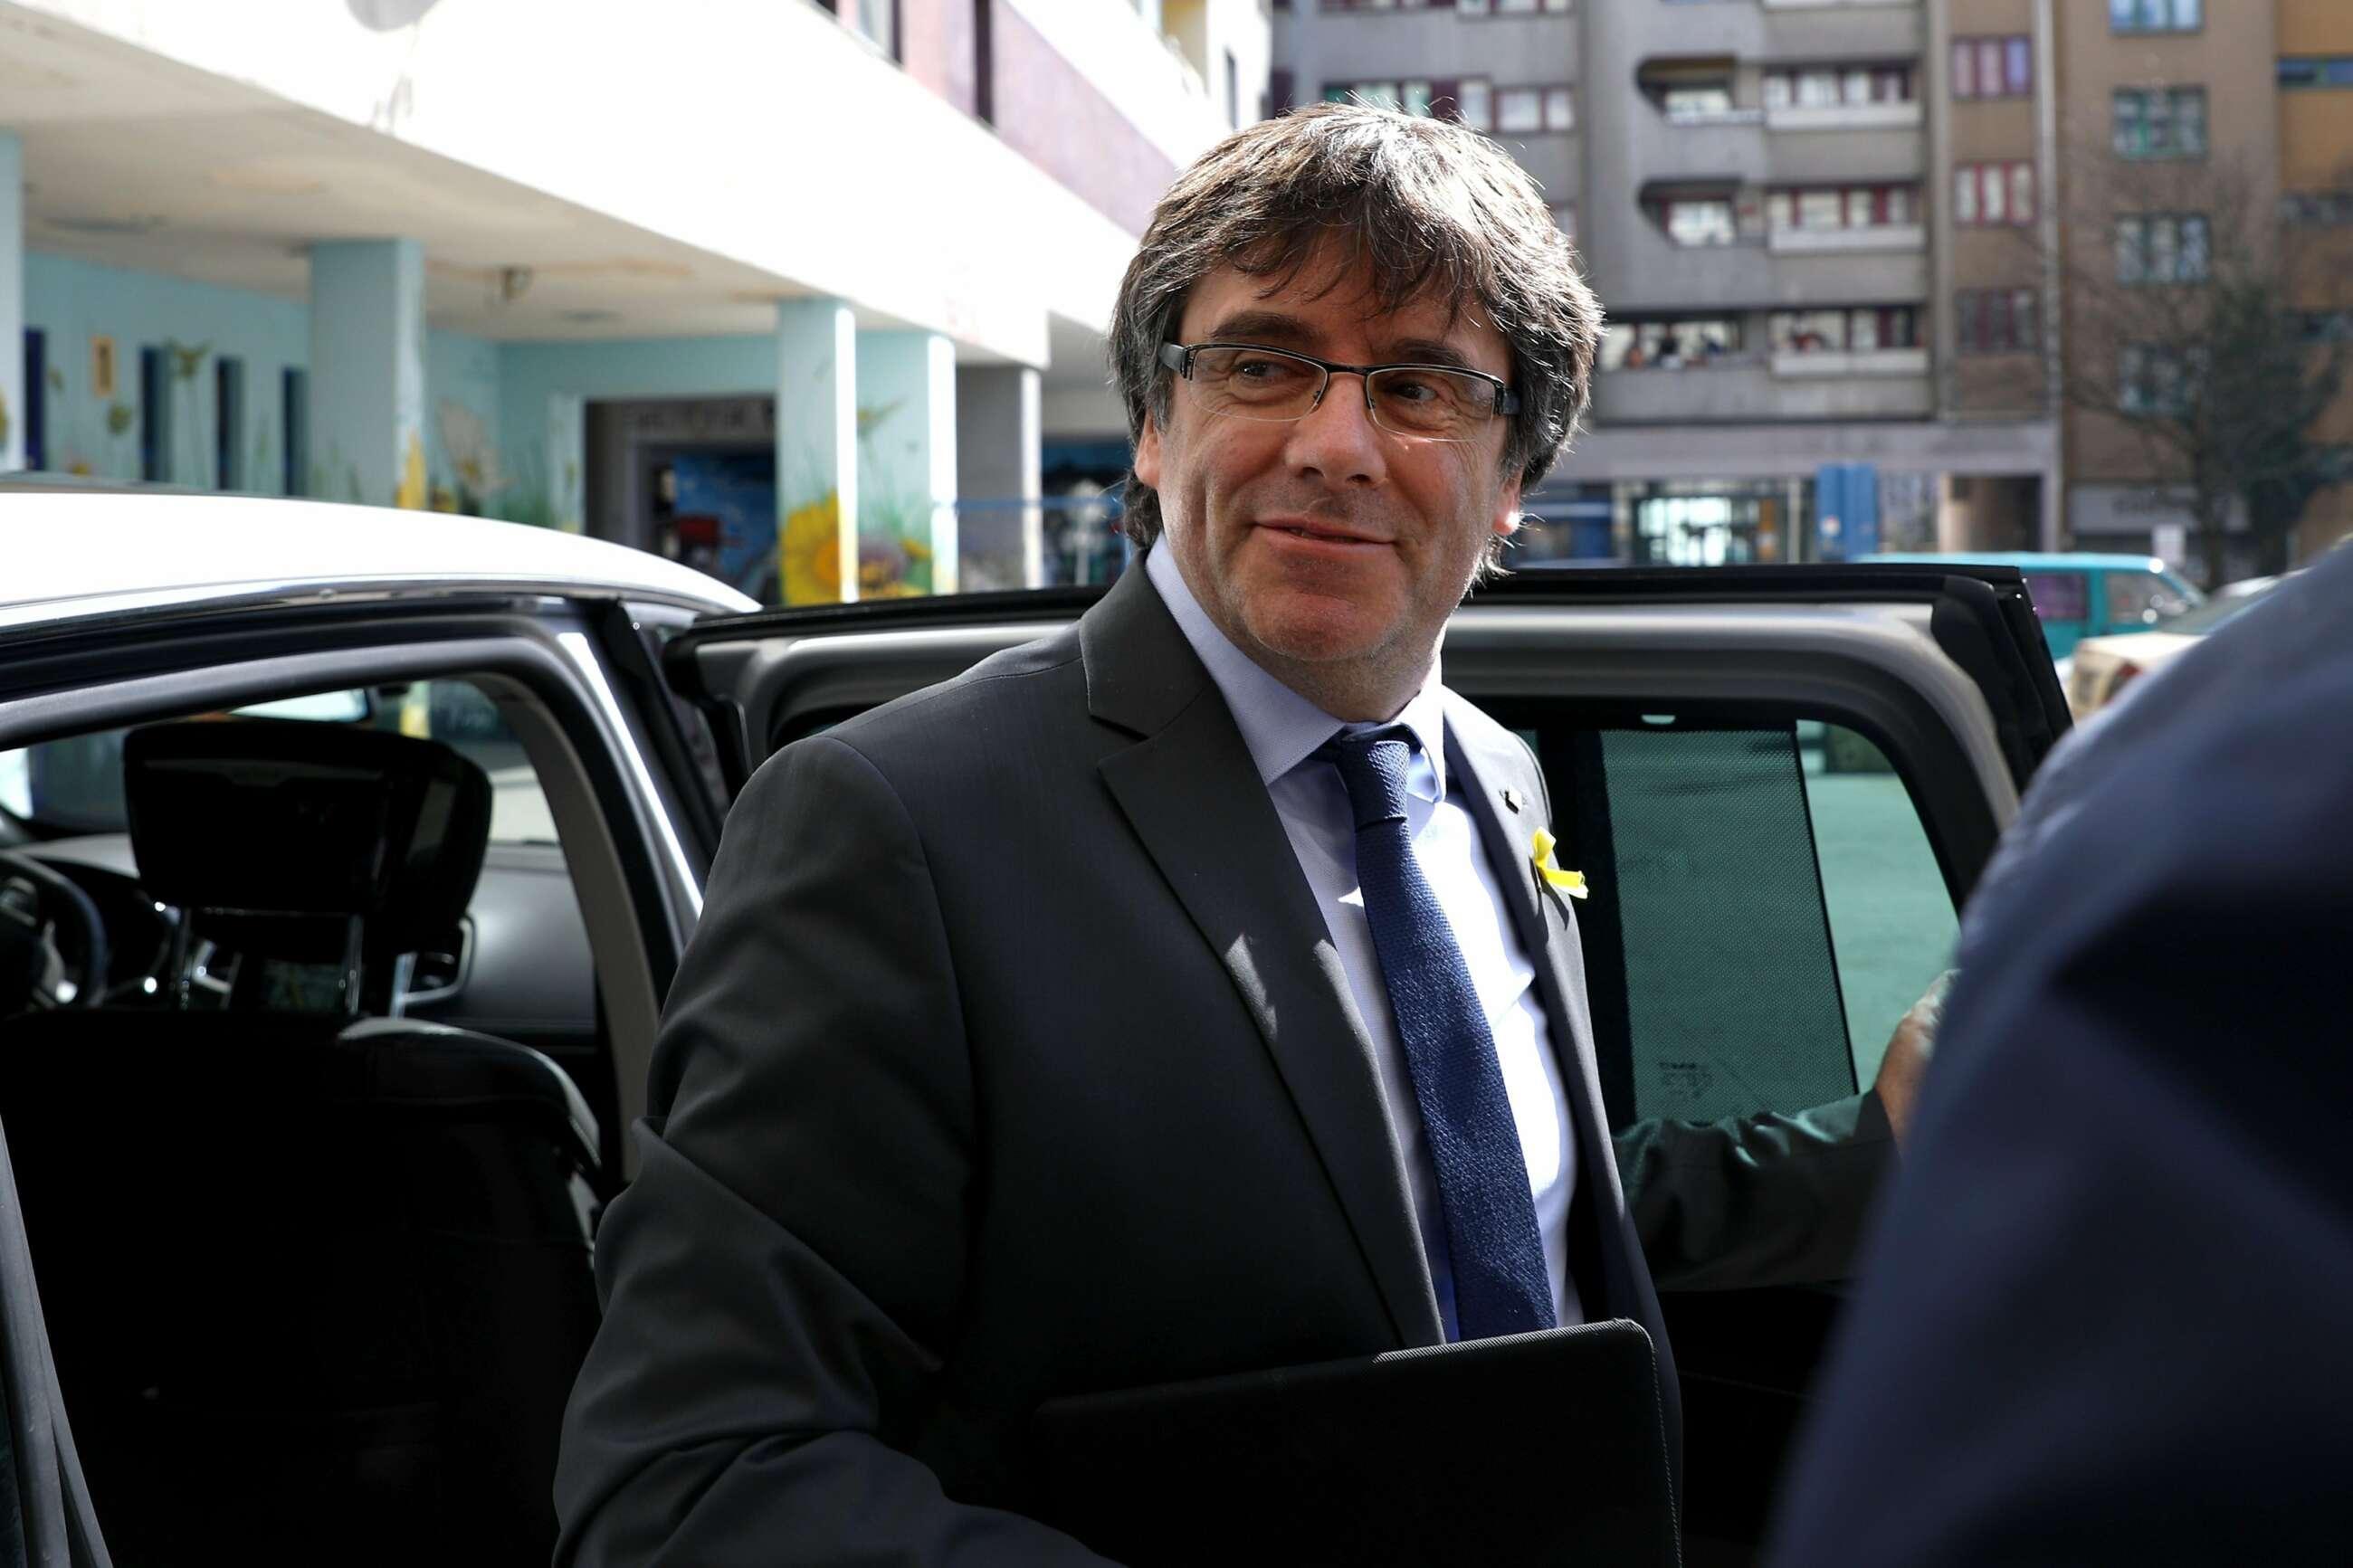 Puigdemont negoció con Rusia el suministro energético para una Cataluña independiente. En la imagen, Carles Puigdemont. / EFE